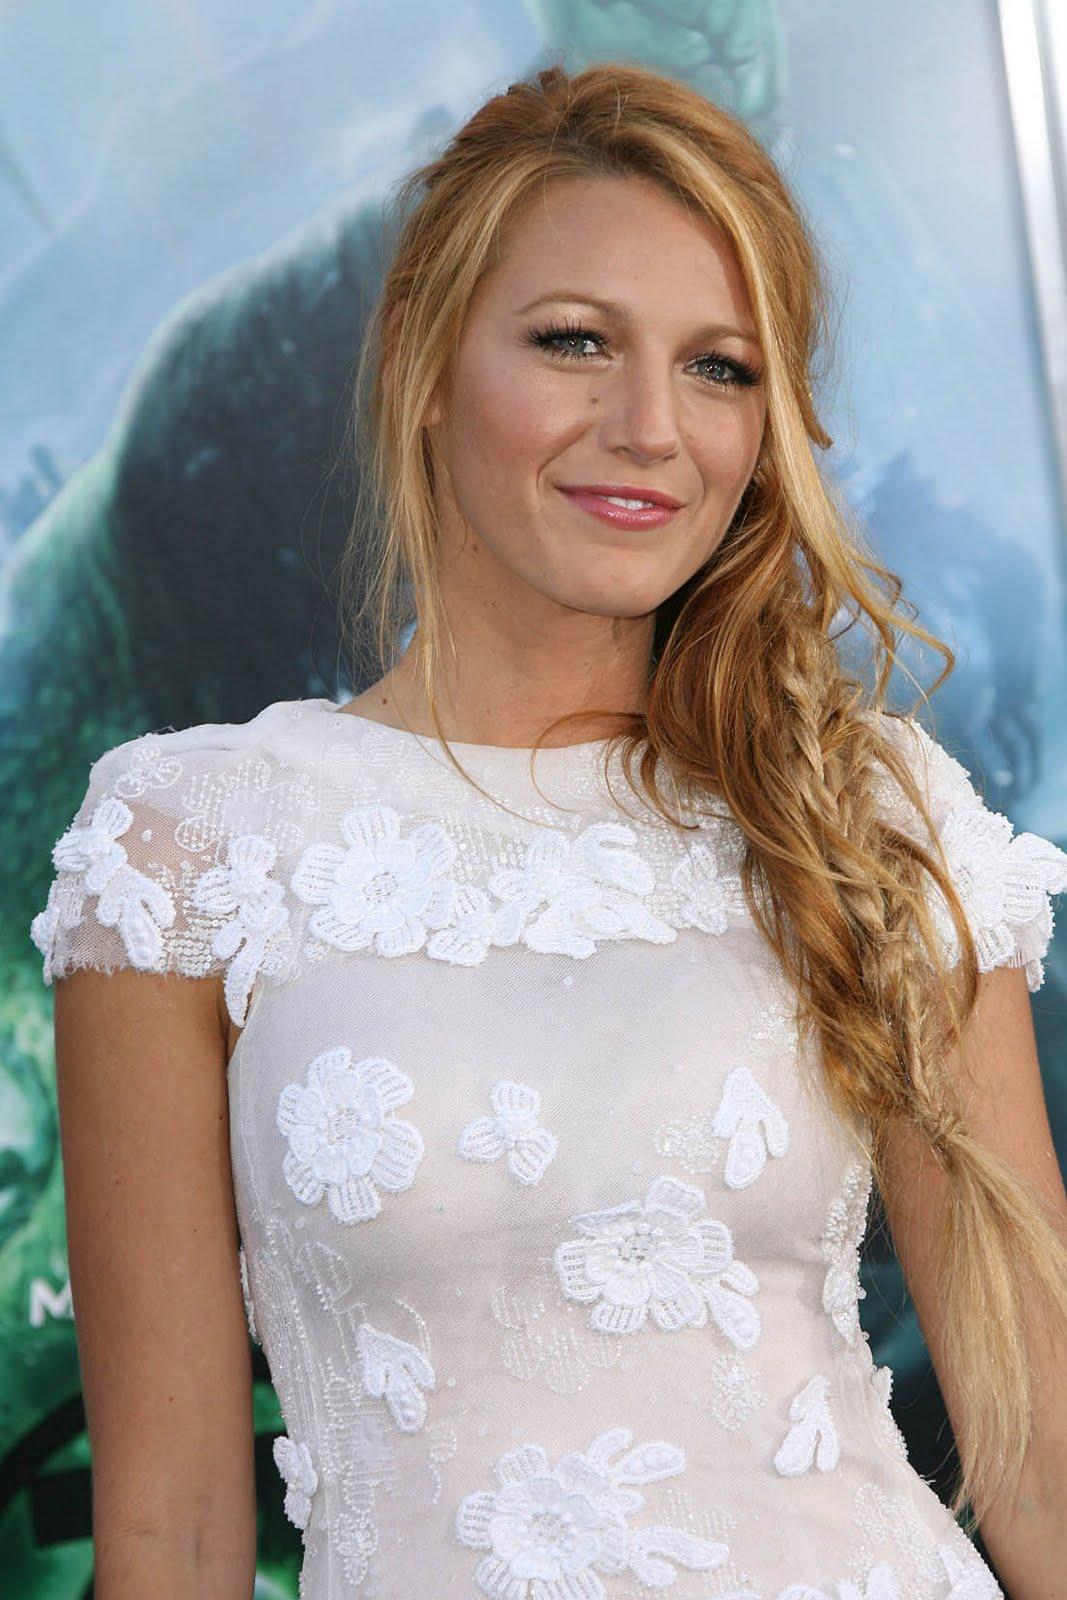 Фото девушки в прозрачном белом платье 9 фотография